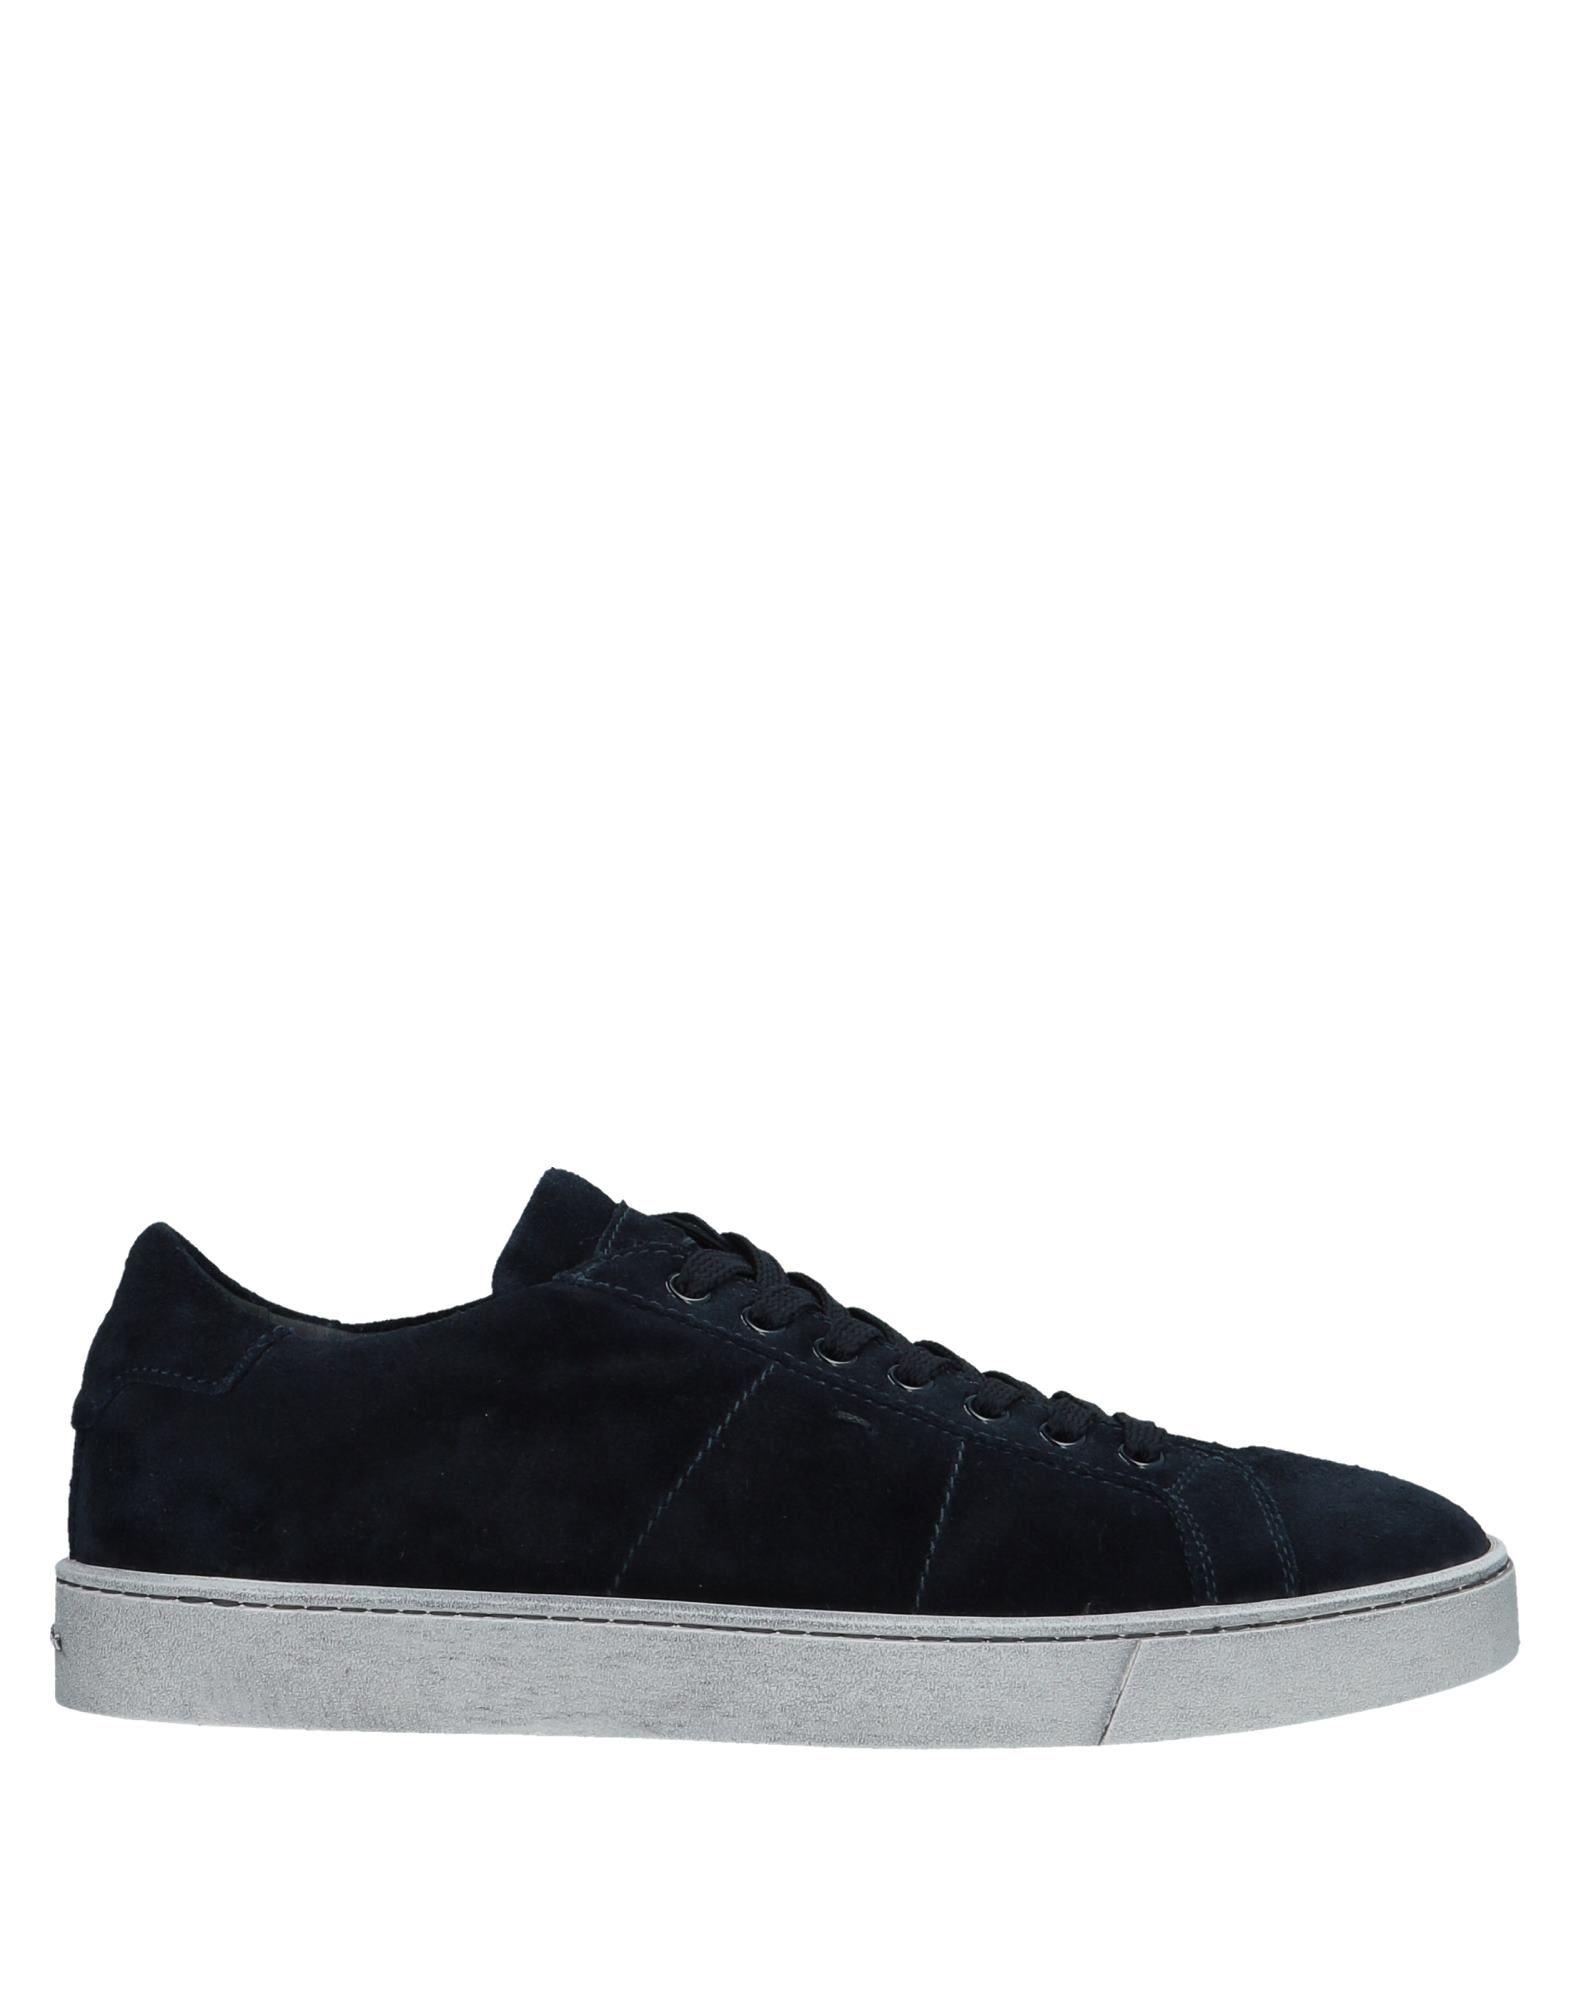 Santoni Sneakers Herren  11541261EL Gute Qualität beliebte Schuhe